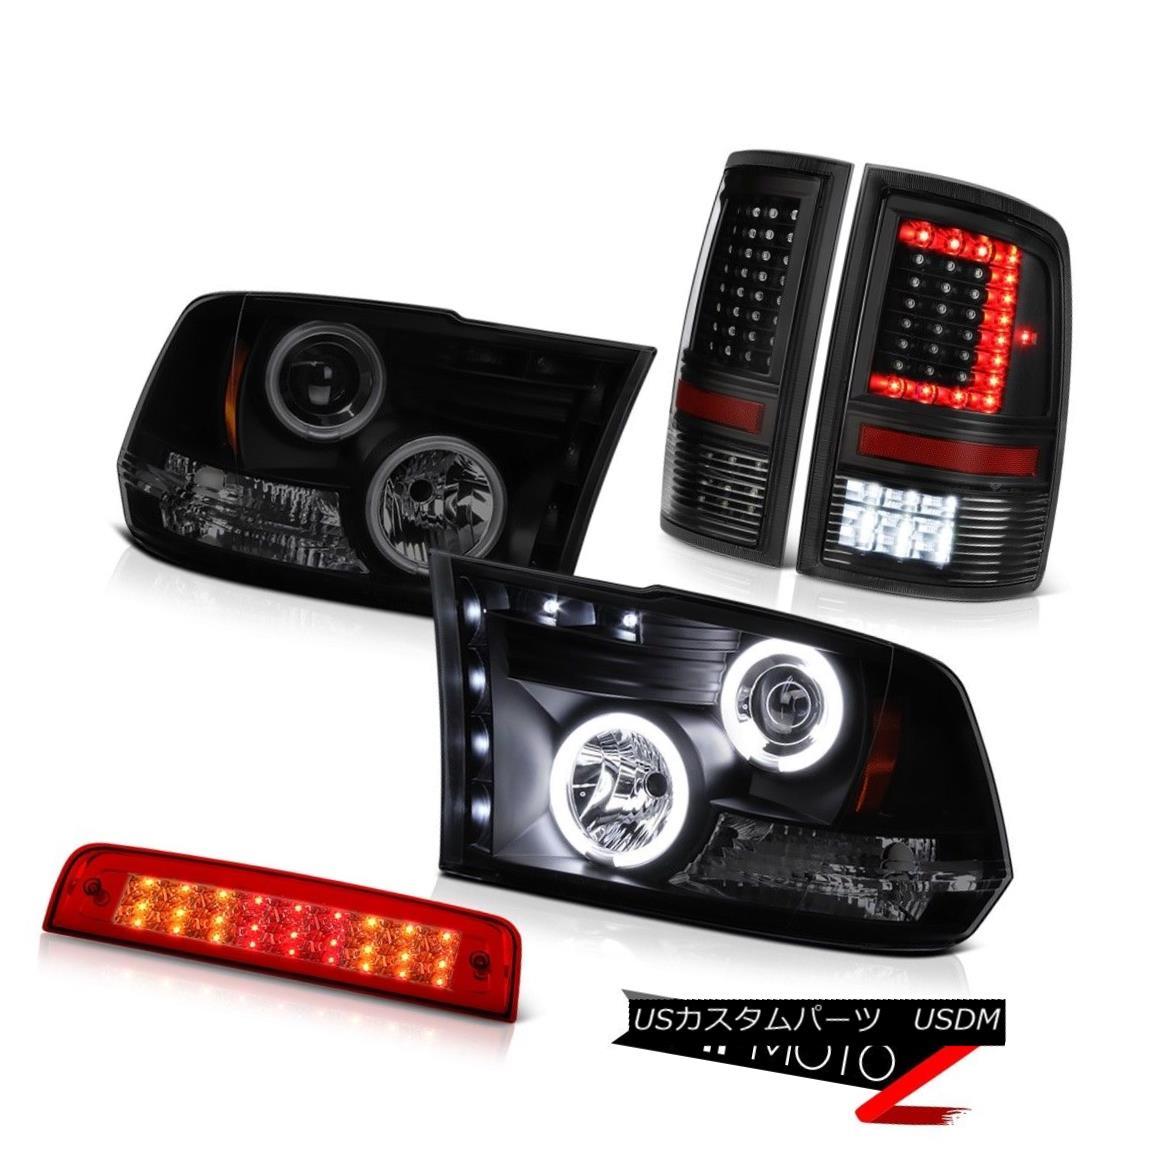 テールライト 09-16 17 18 Dodge RAM 3500 Black Tail Lights Rosso Red Third Brake Headlamps SET 09-16 17 18ダッジRAM 3500ブラックテールライトロッソレッド第3ブレーキヘッドランプSET